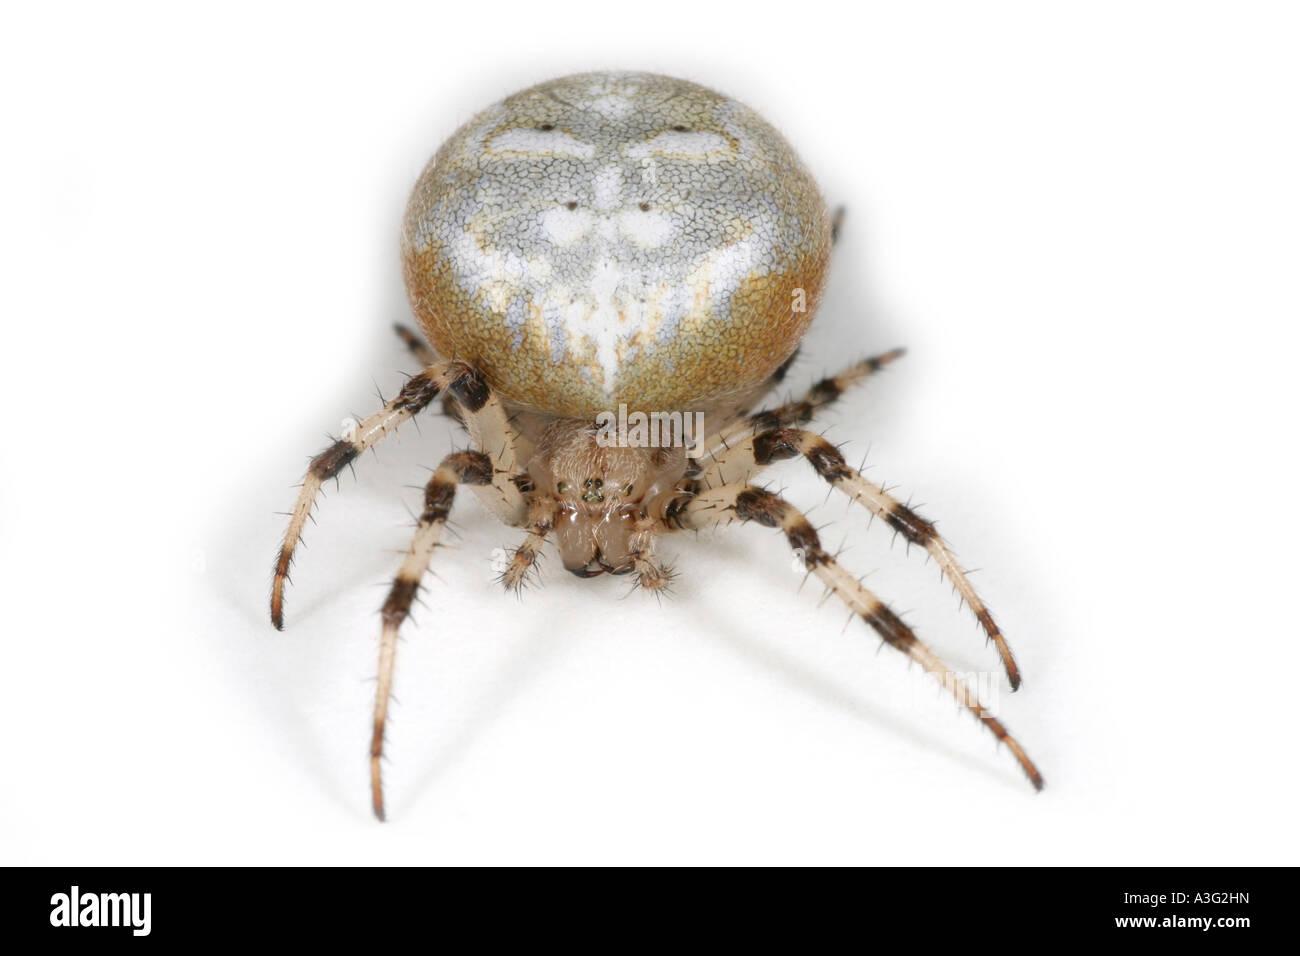 Araneus Quadratus spider on white background. Four Spot Orbweaver. Stock Photo